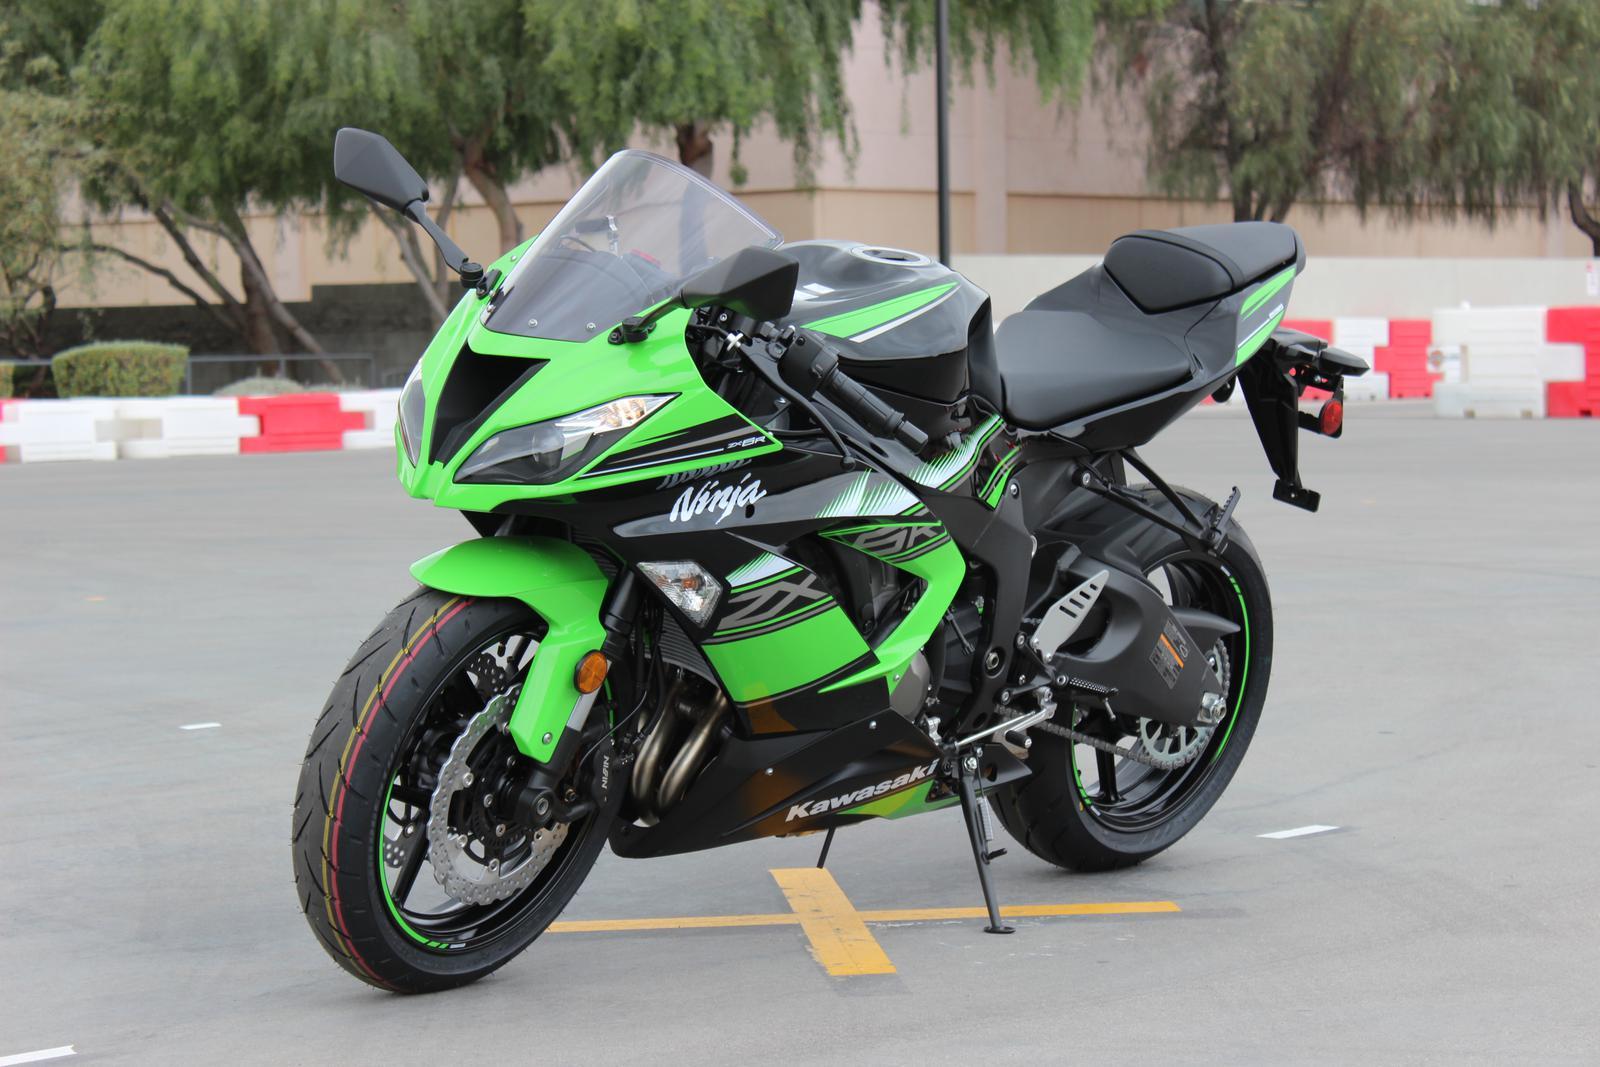 Kawasaki Ninja 6r идеи изображения мотоцикла